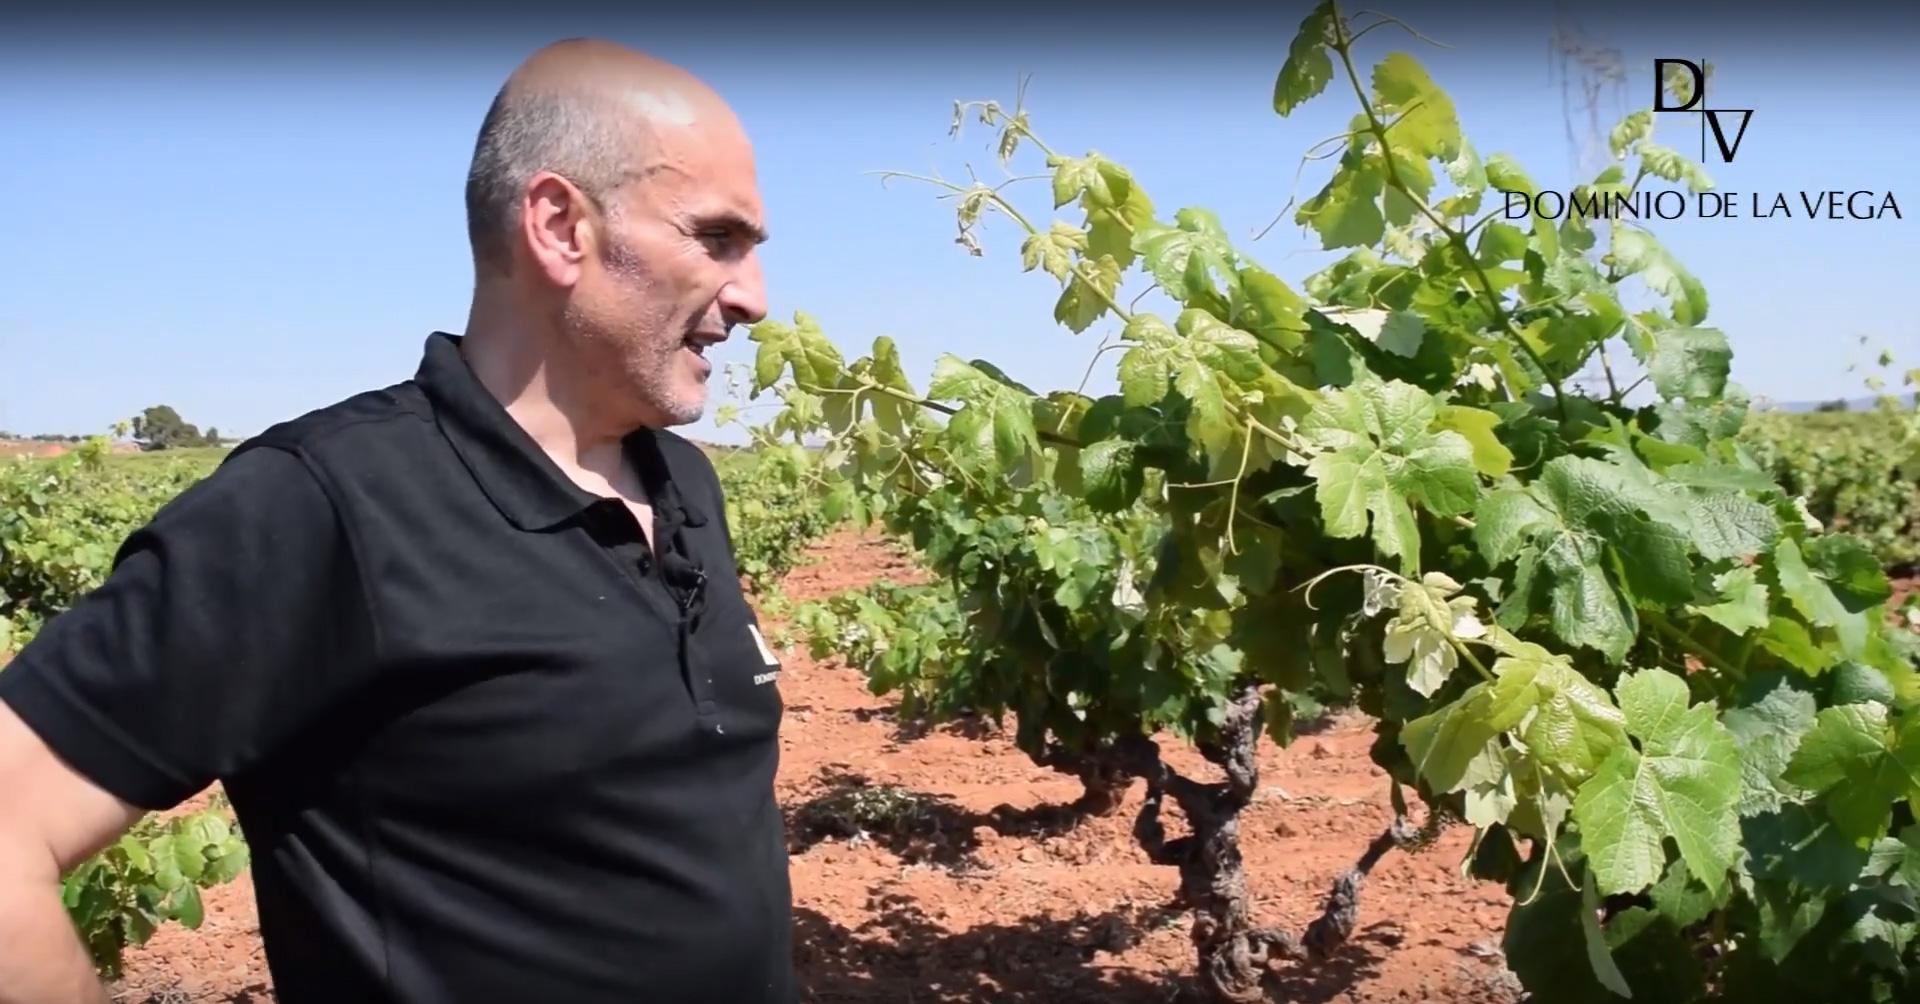 Losilla: el último terreno de Dominio De la Vega, ejemplo de viñedo antiguo